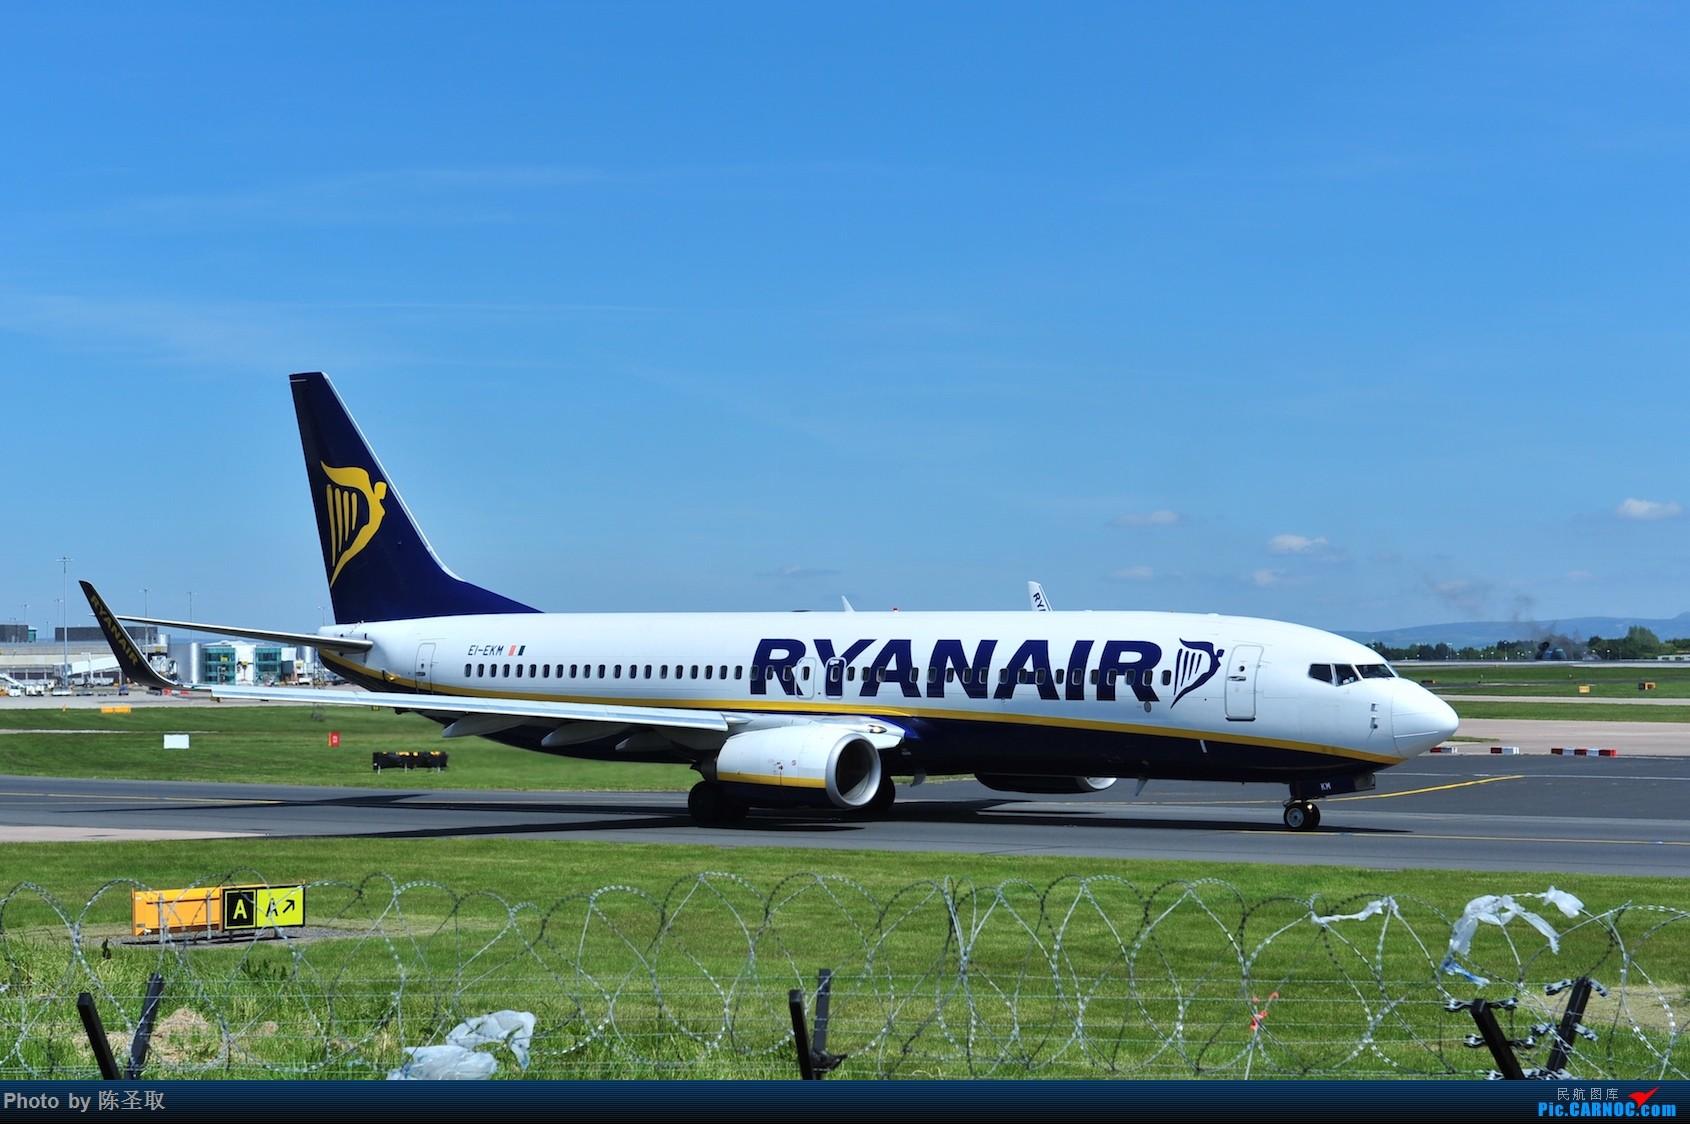 Re:[原创]迟来的6月曼城拍机图。廉价航空的天堂,曼彻斯特机场~ BOEING 737-8AS(W) EI-EKM 英国曼彻斯特机场